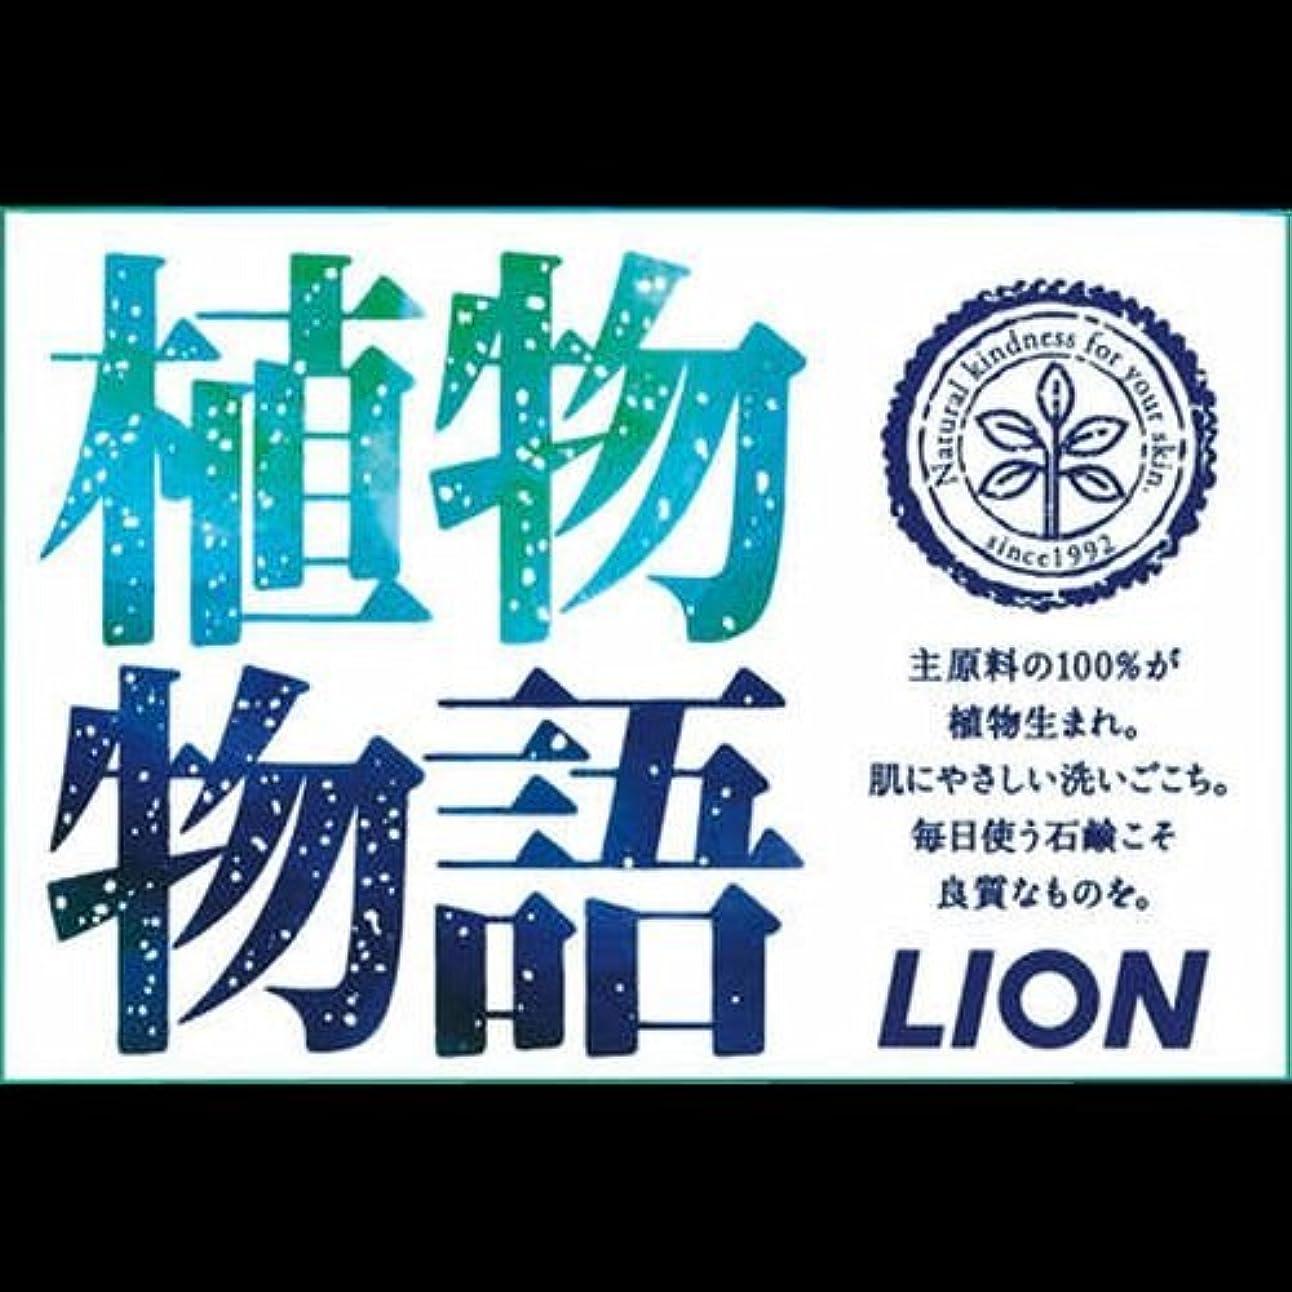 ライオン 植物物語 化粧石鹸 90g×1個入 ×2セット